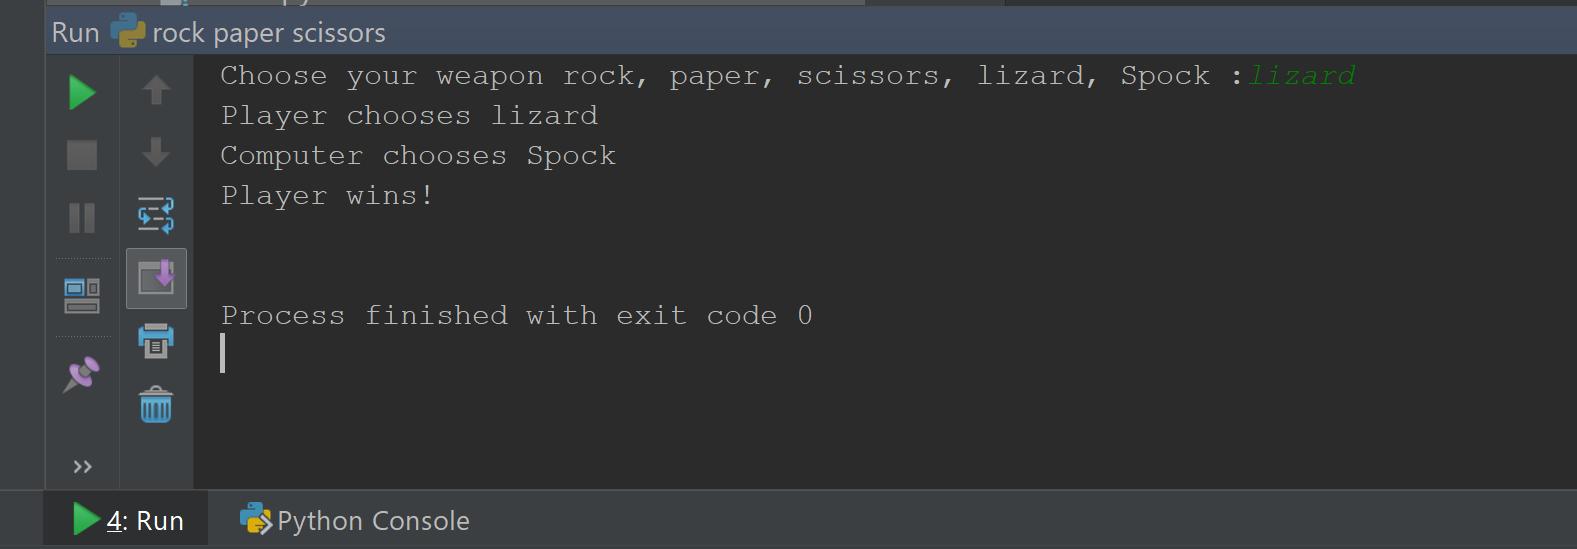 rock paper scissors result